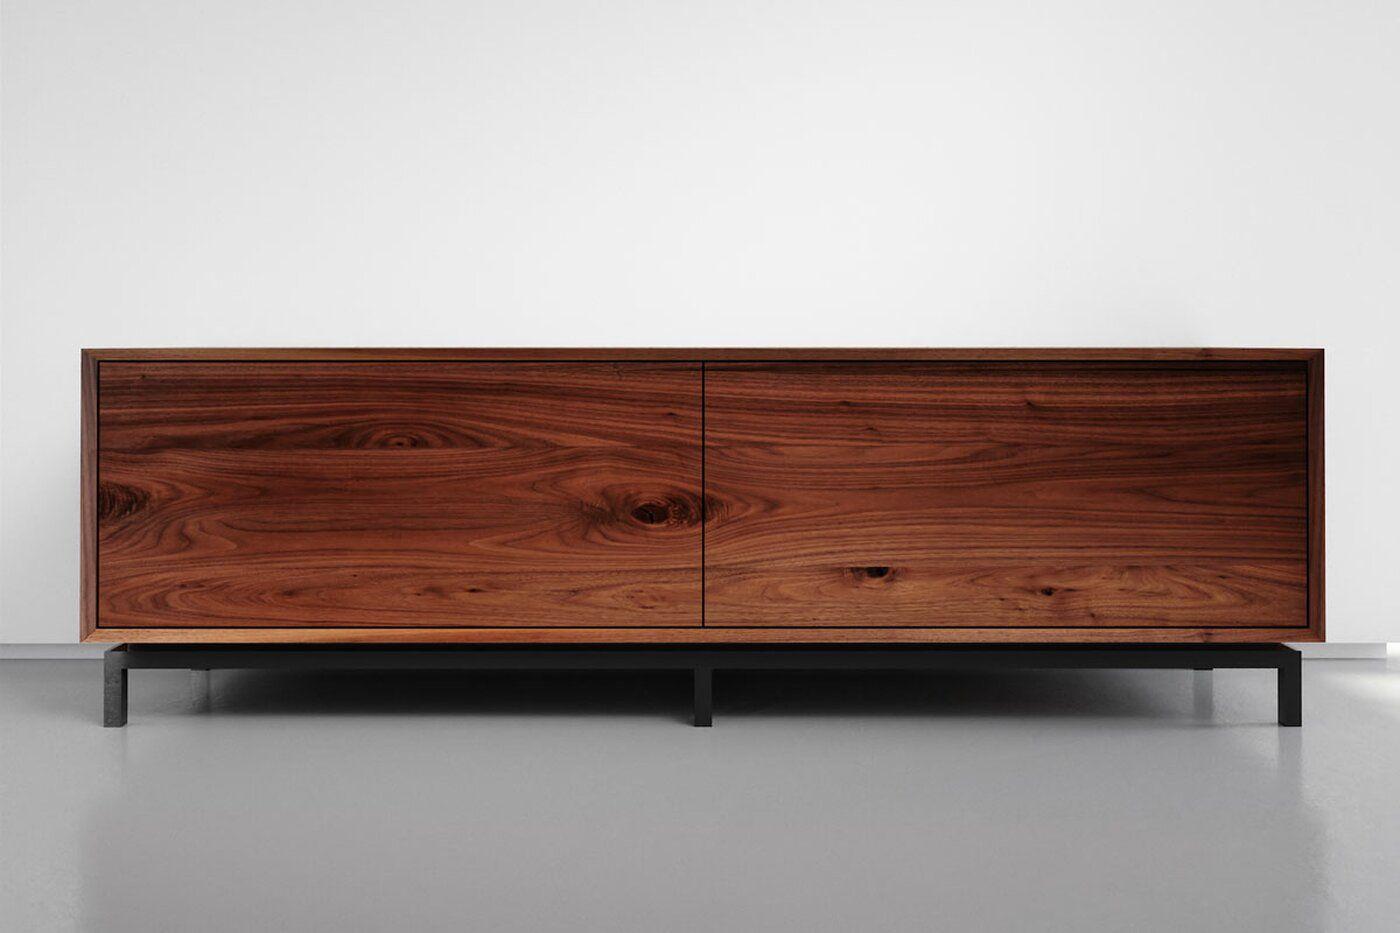 Holz Sideboard Modern Amerikanischer Nussbaum Serie X Line